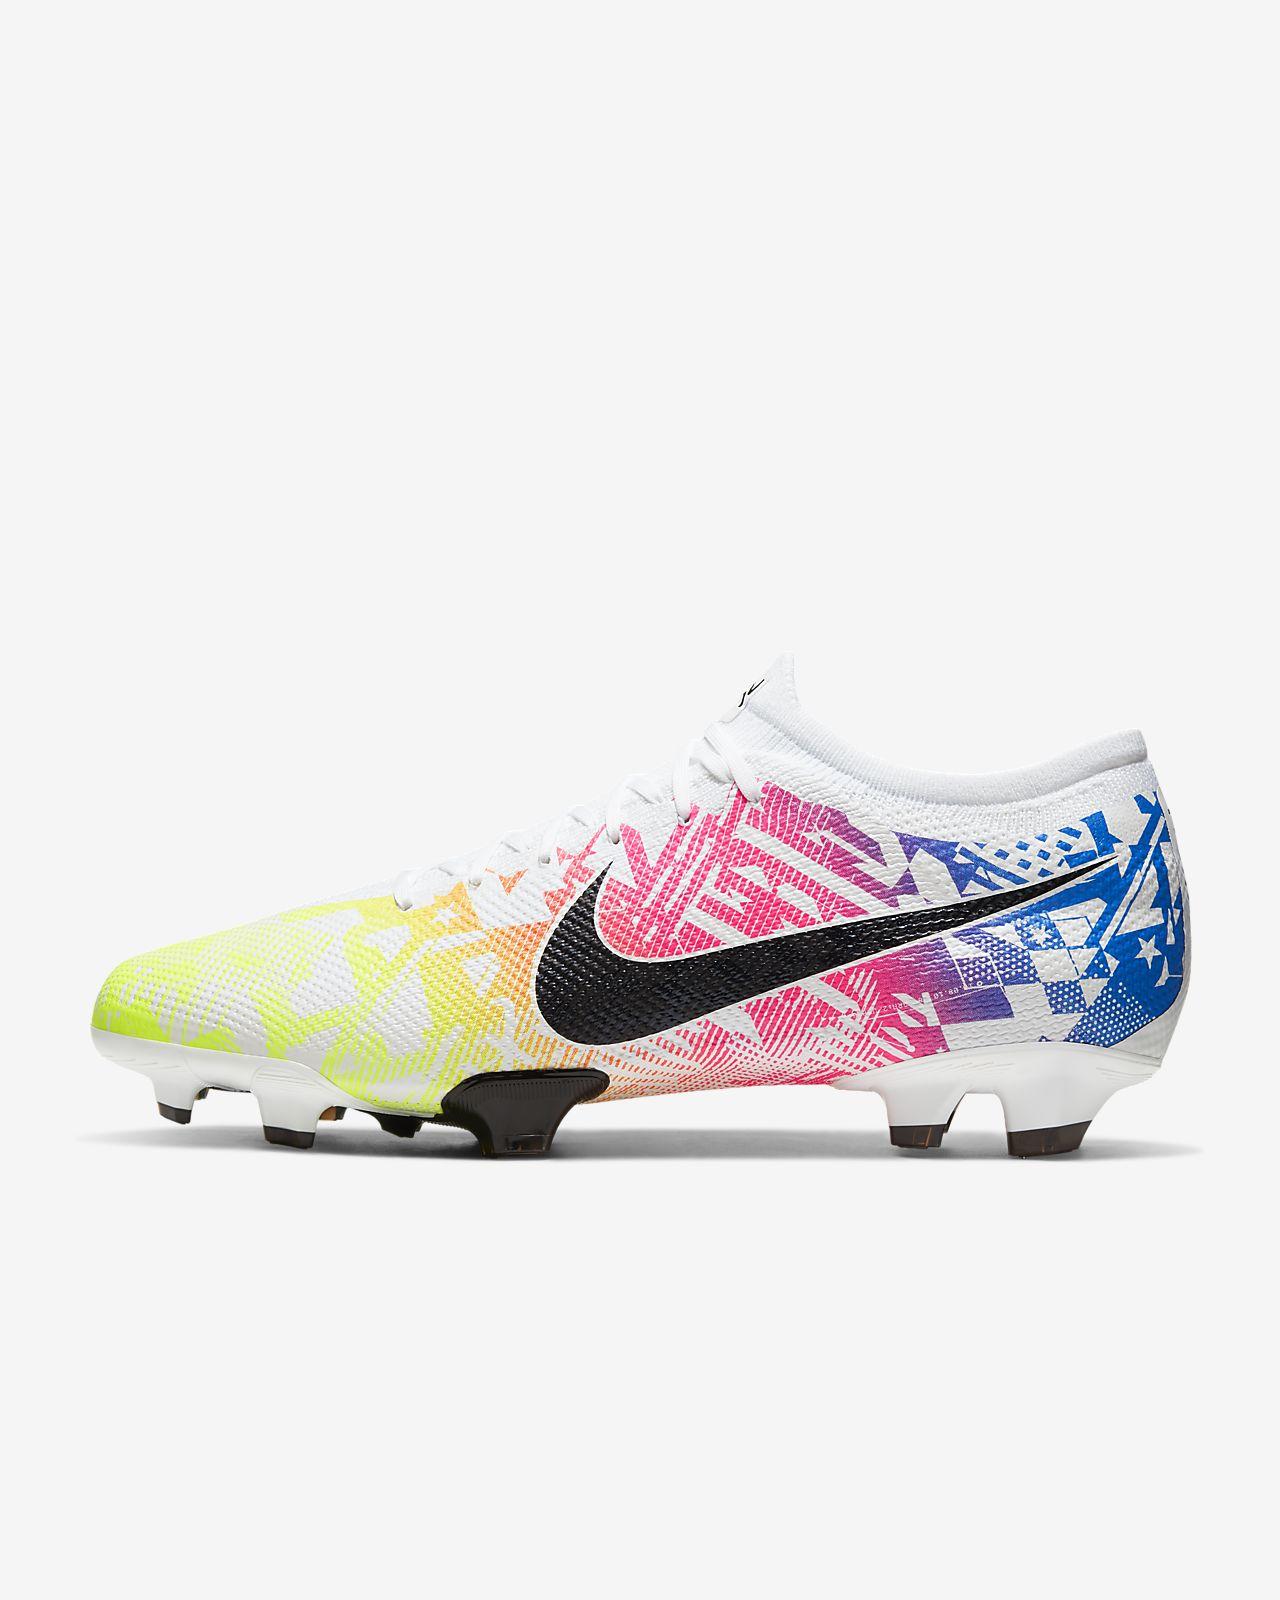 donde puedo comprar más fotos estilo actualizado Nike Mercurial Vapor 13 Pro Neymar Jr. FG Firm-Ground Football ...